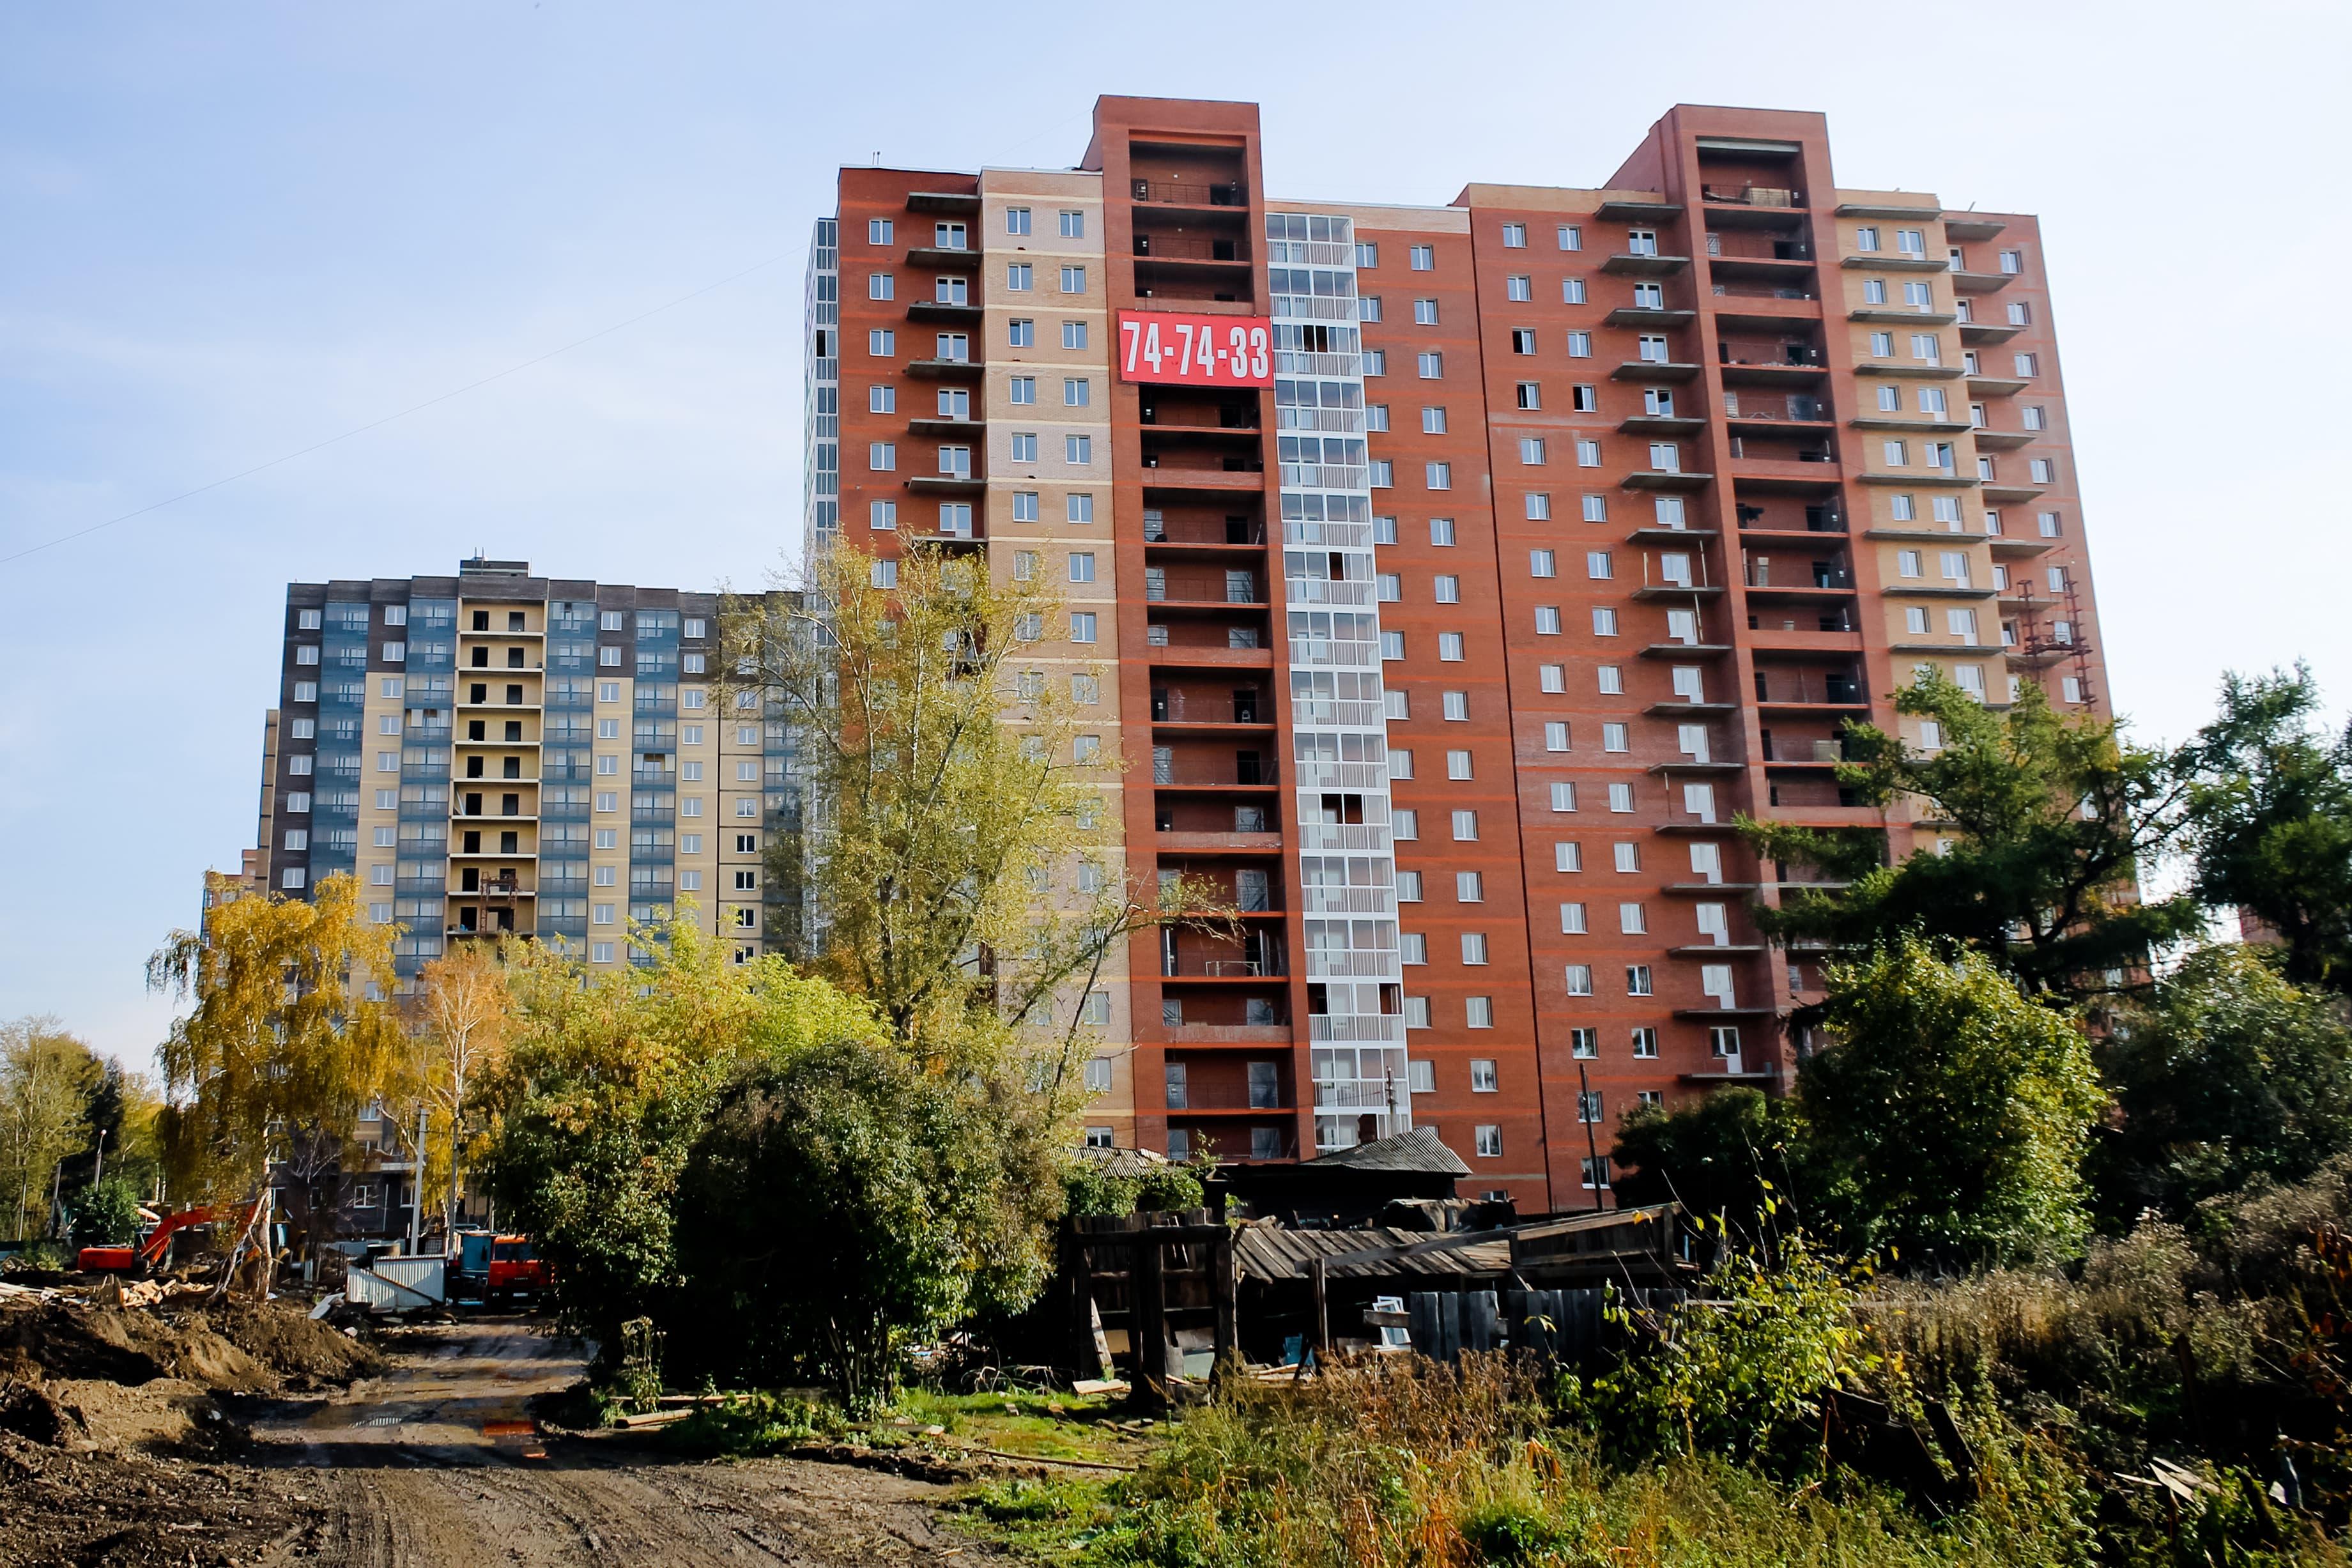 Переулок Строительный, 8 - Иркутск - вид из парка